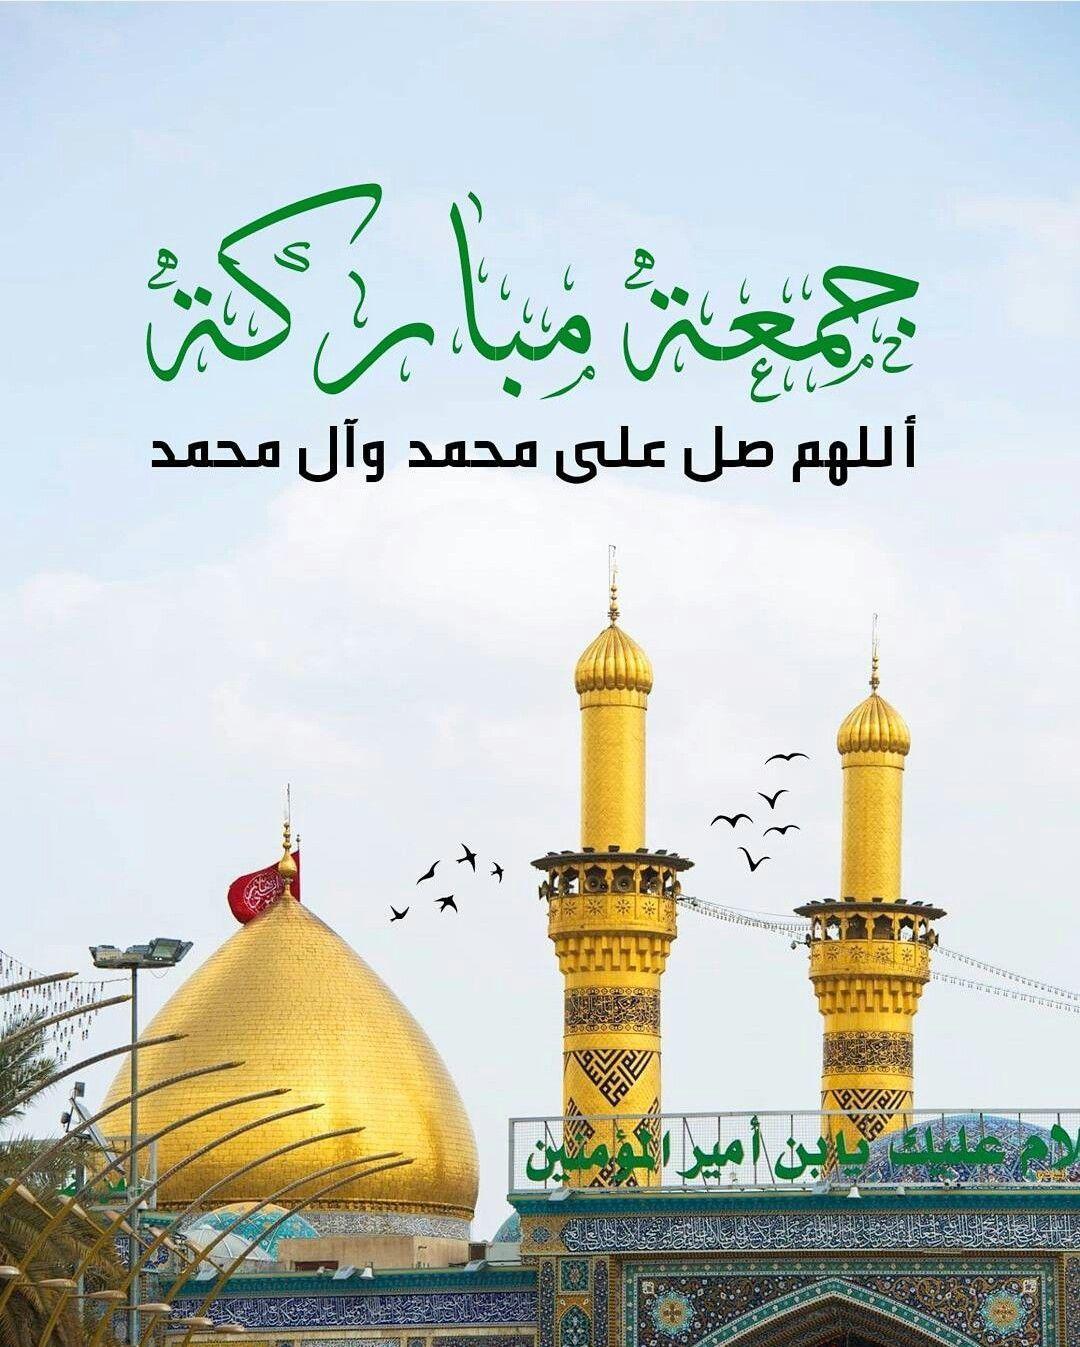 اللهم صل على محمد وال محمد Indian Flag Wallpaper Islamic Pictures Blessed Friday